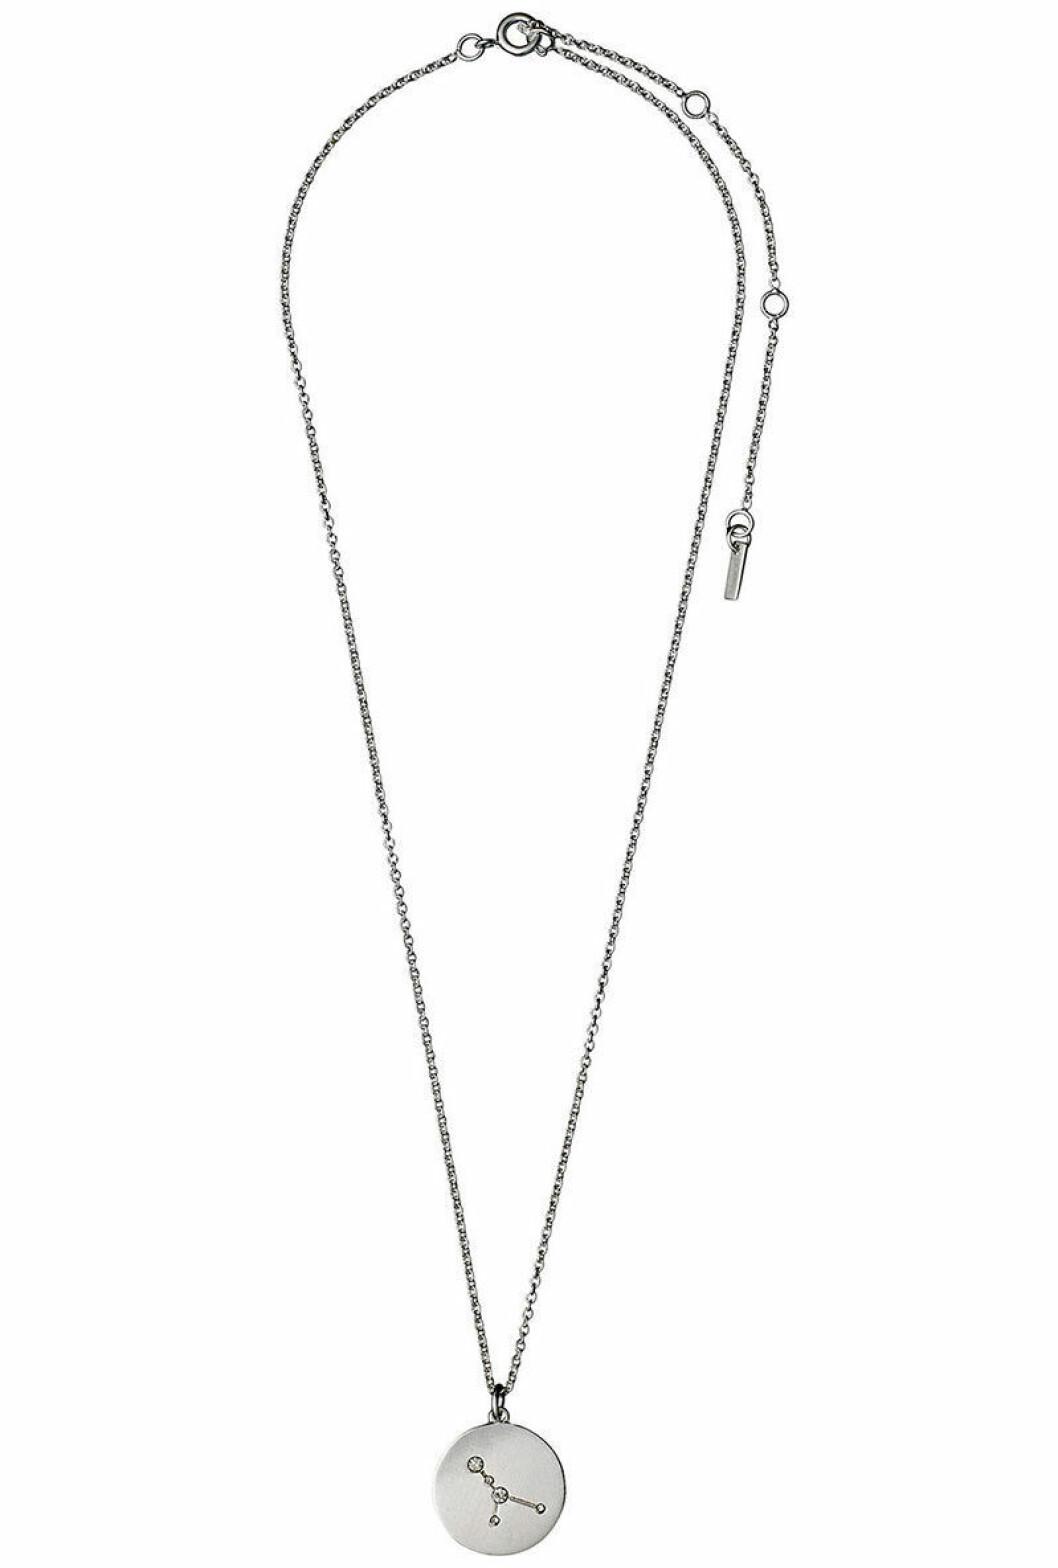 Pilgrim halsband med stjärntecknet kräftan